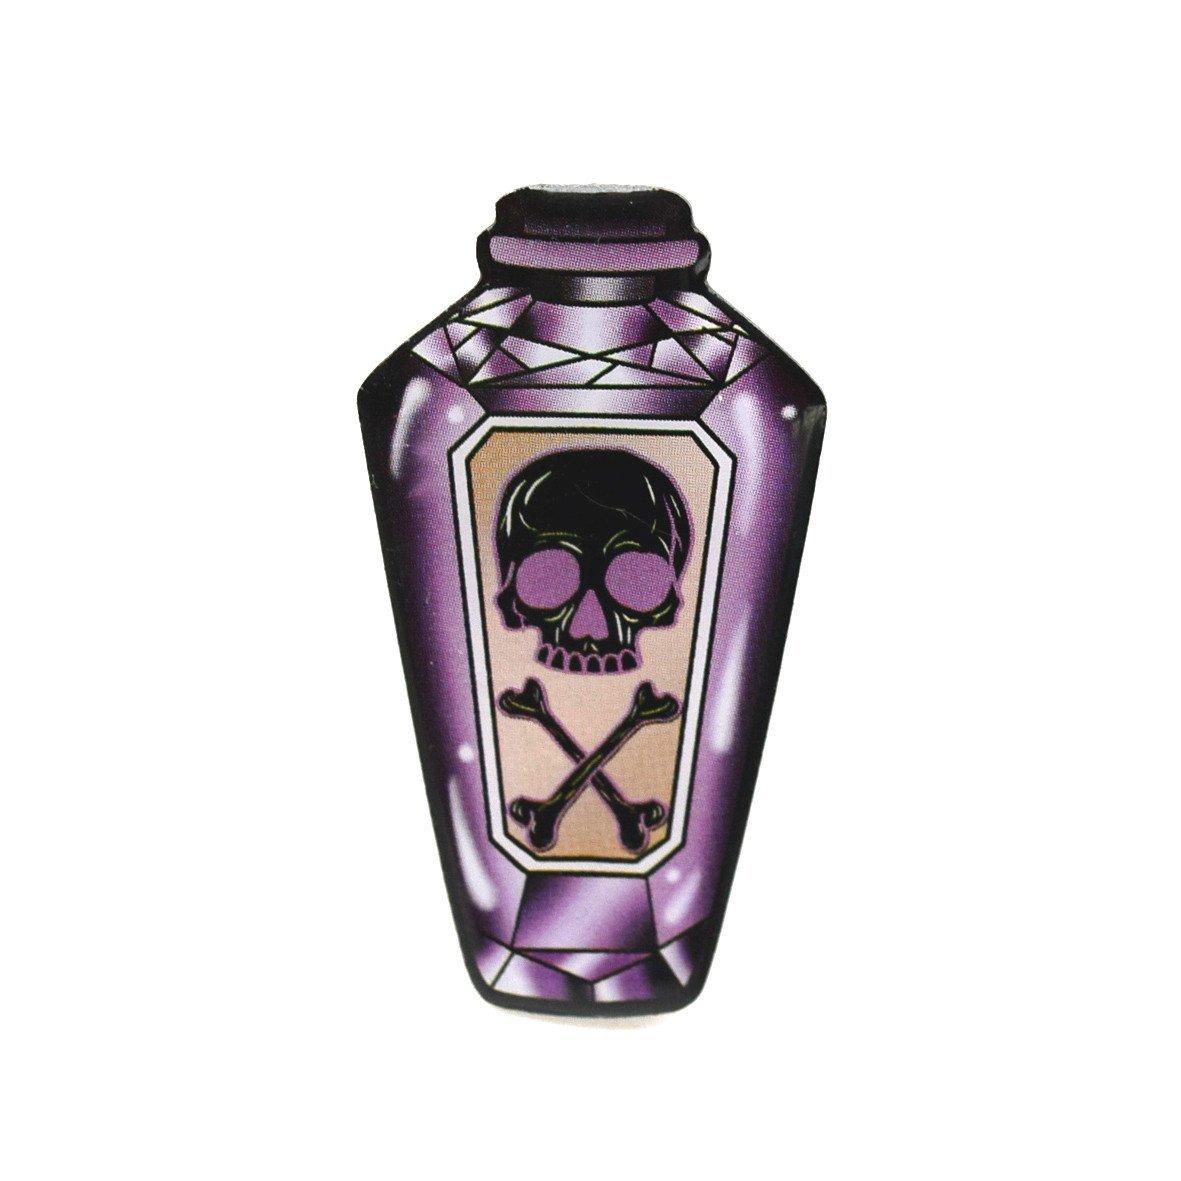 Purple Poison Bottle Brooch image